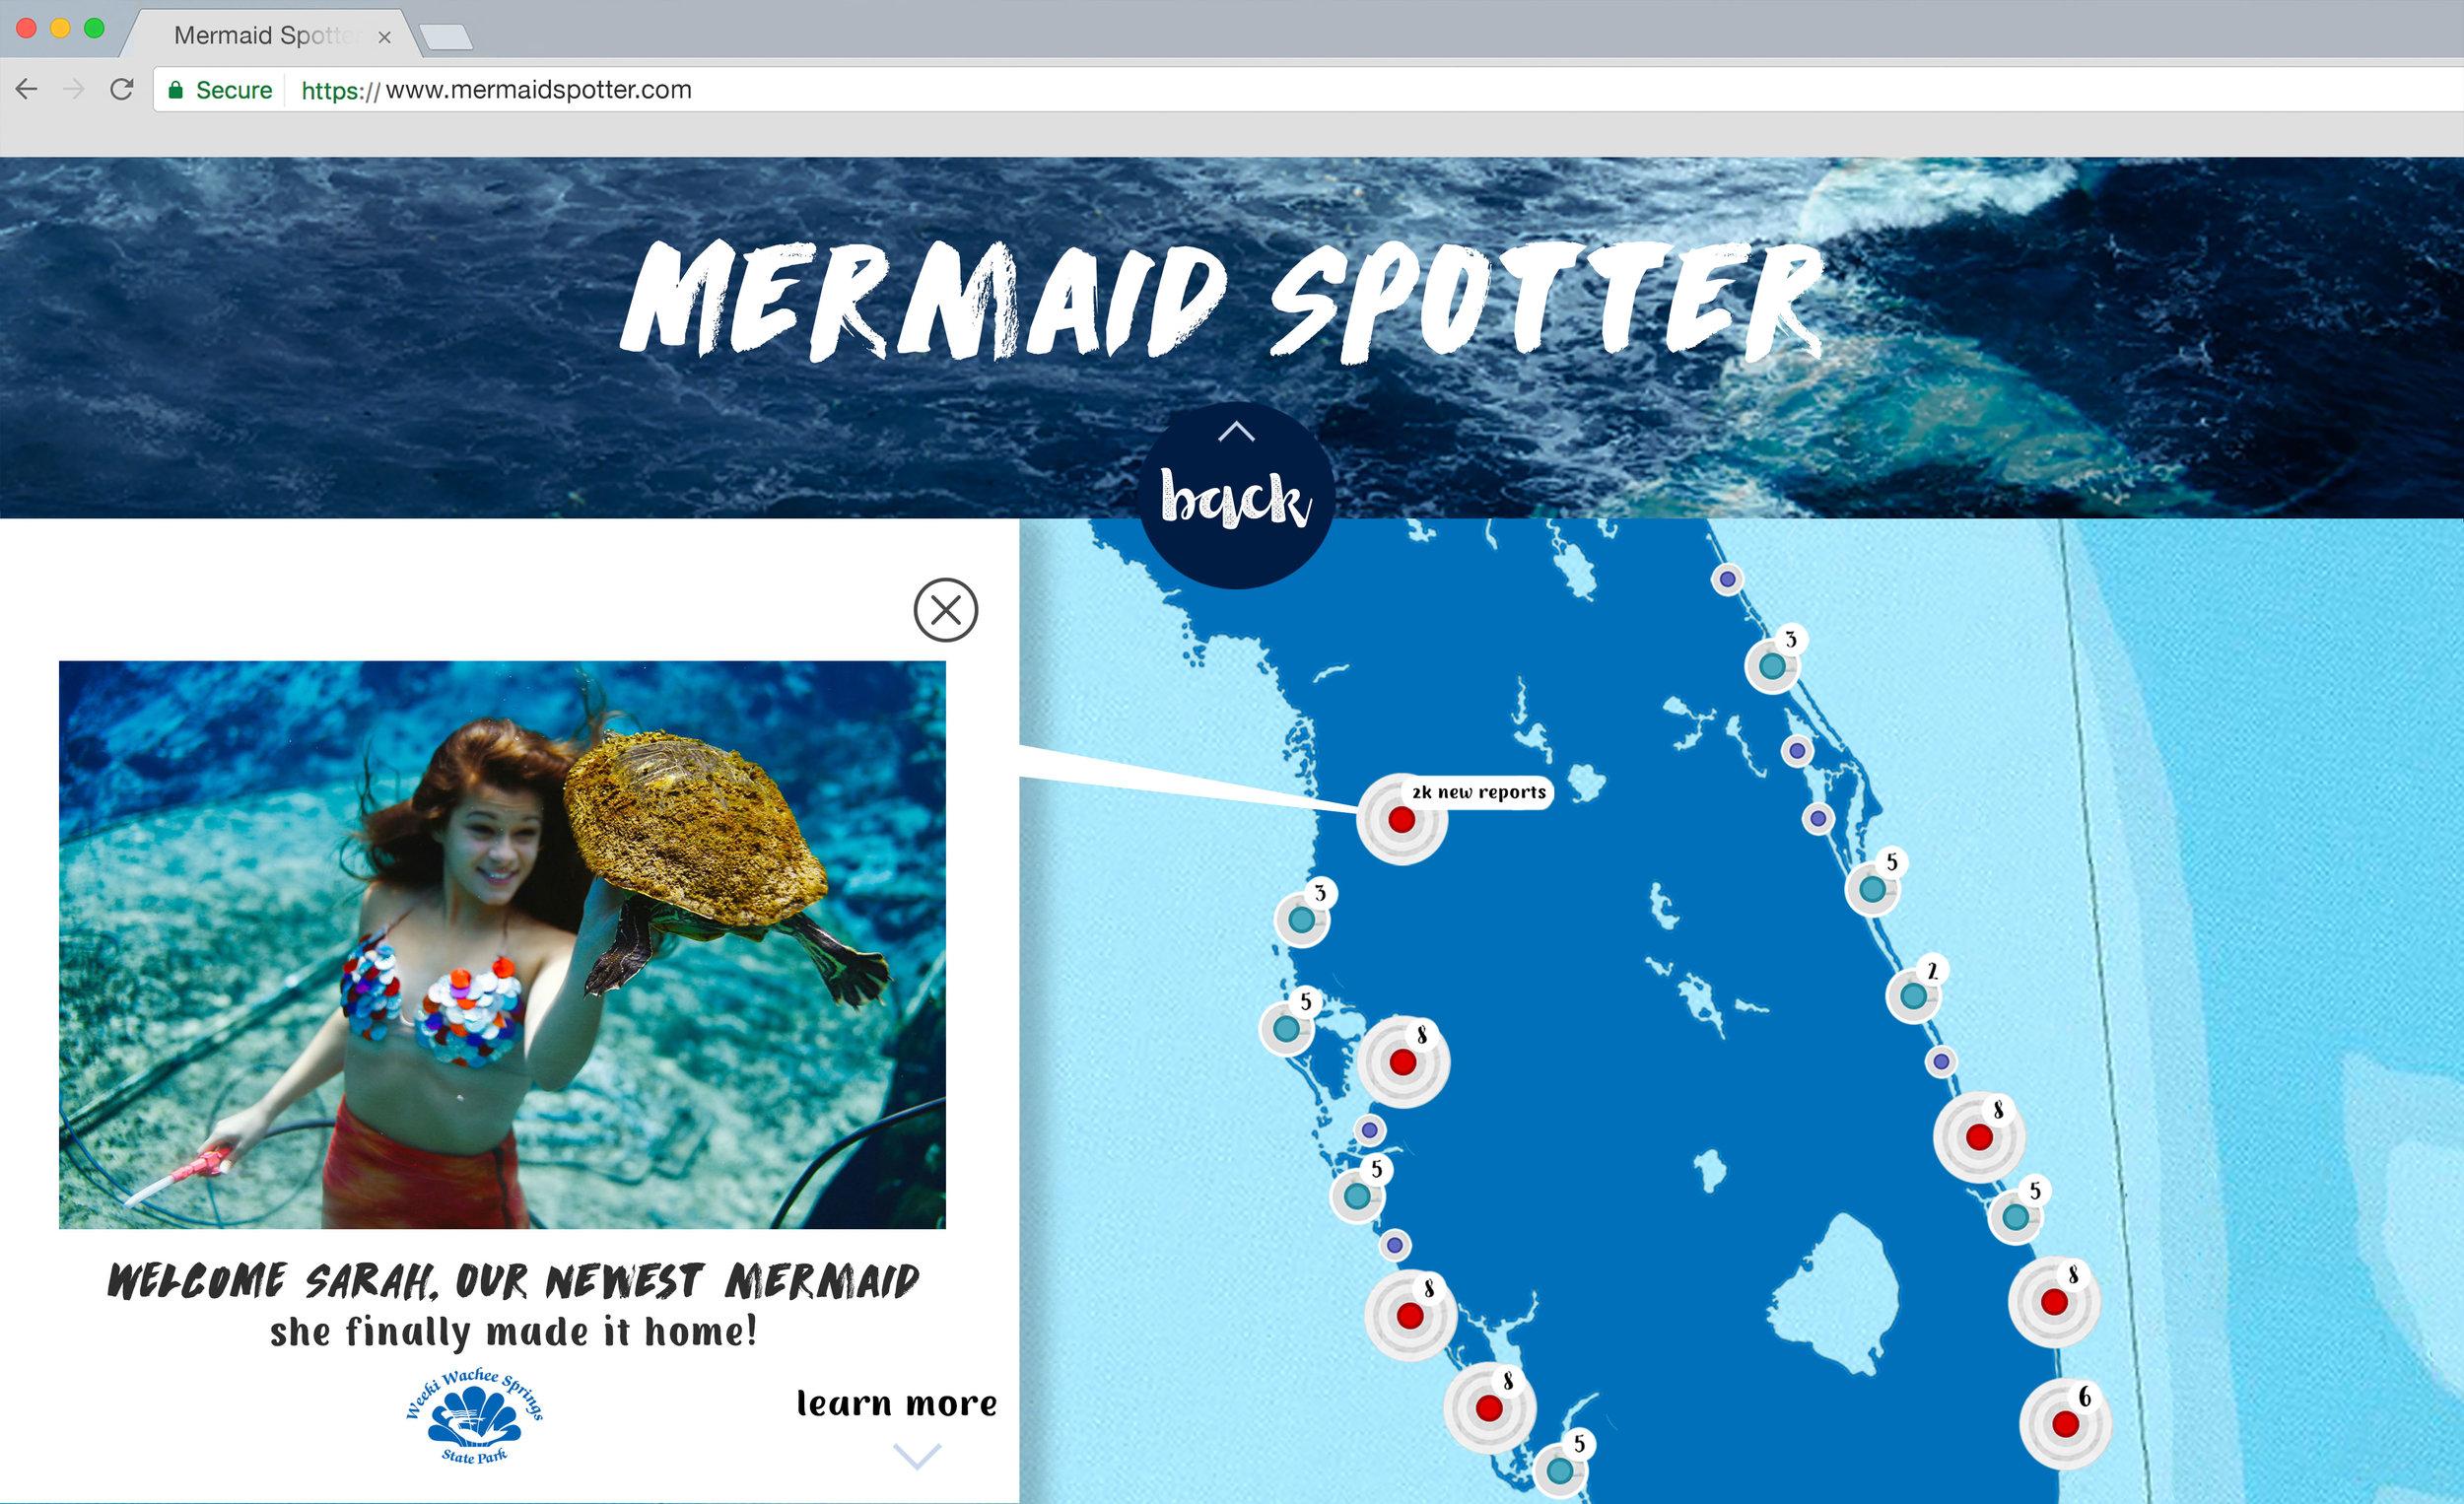 Weekiwachee_mermaidsighting_website4.jpg